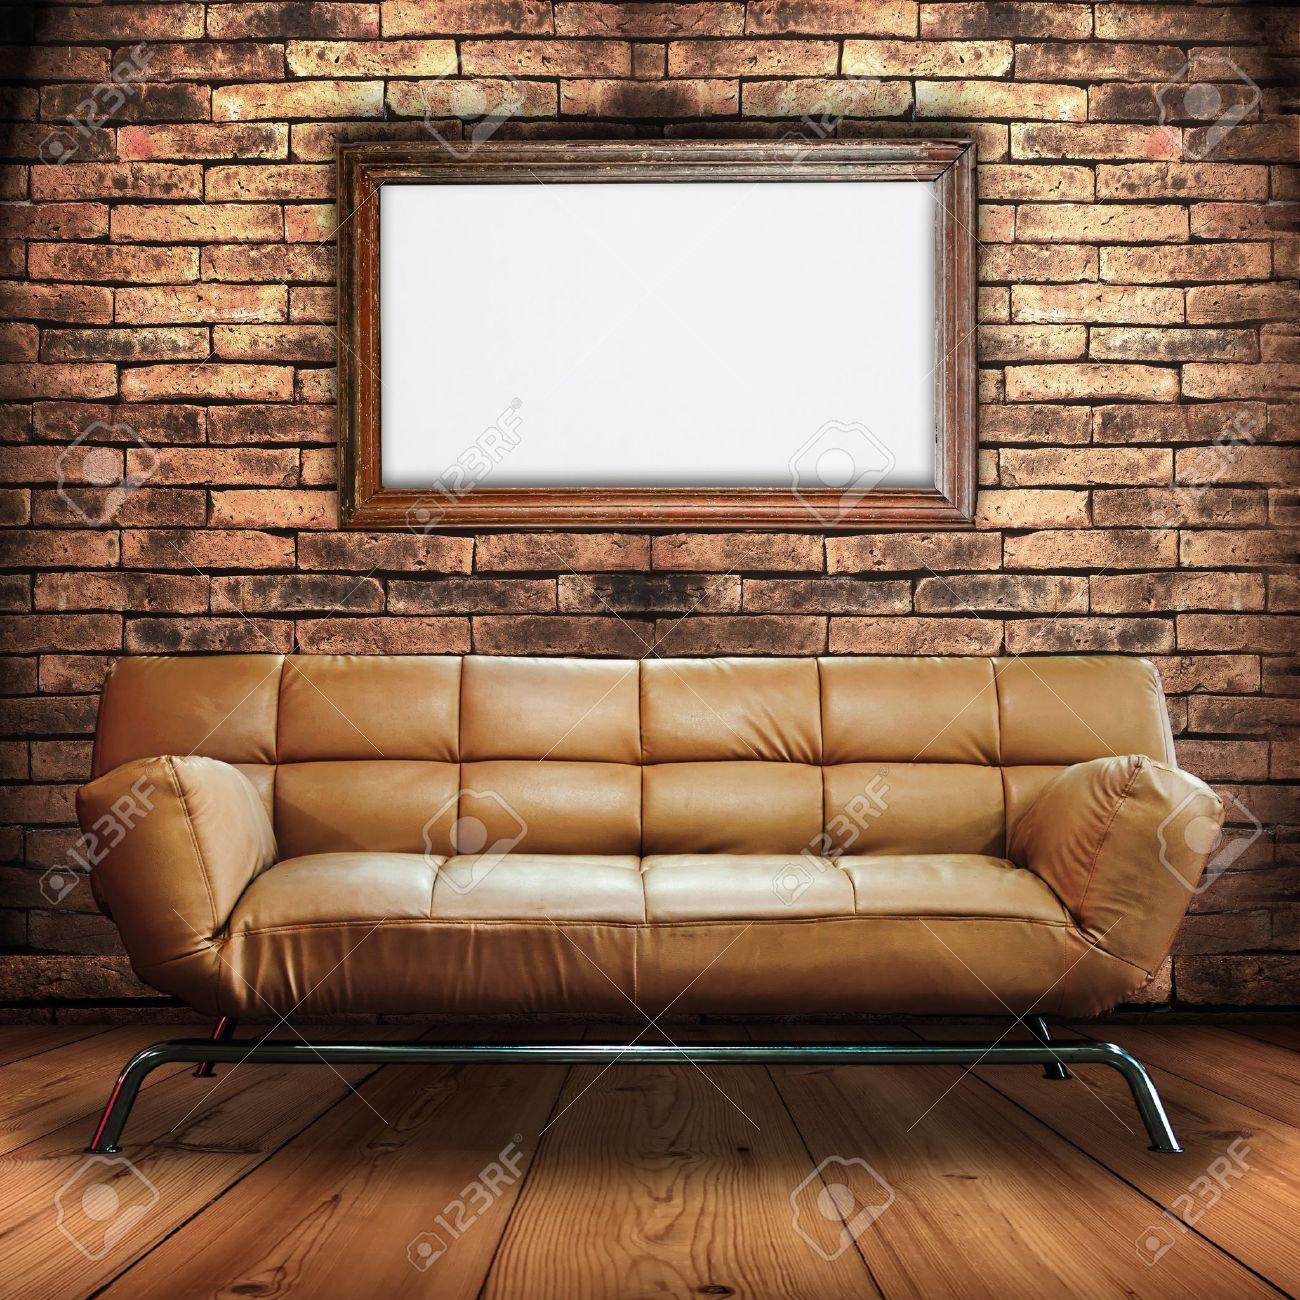 canapé en cuir sur bois étage et ossature bois signe dans la salle